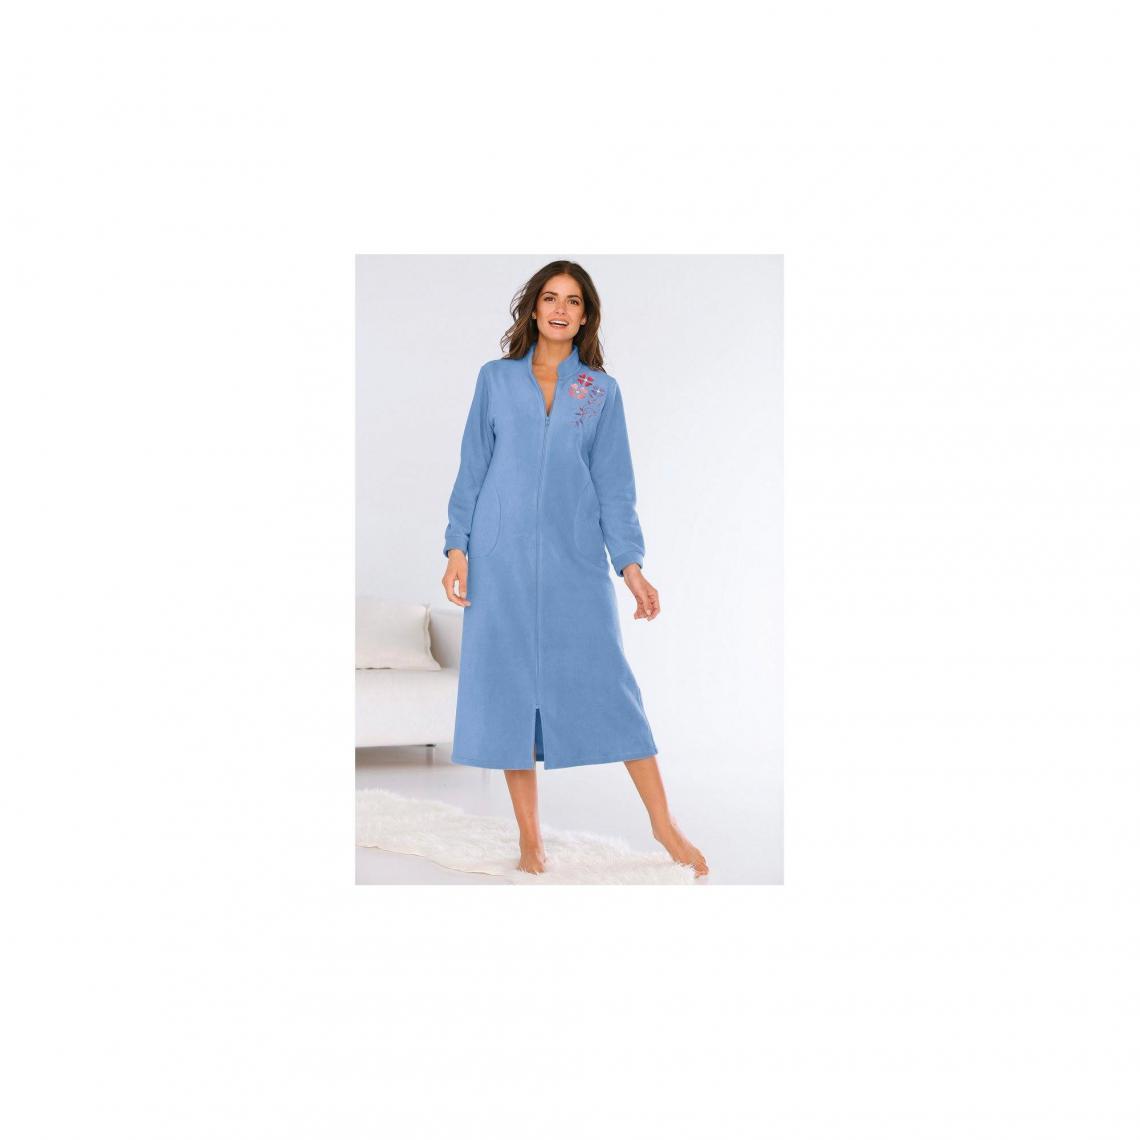 Broderie De Femme Lavande Avec Zippée Bleu Chambre Polaire Robe FwxaznUz